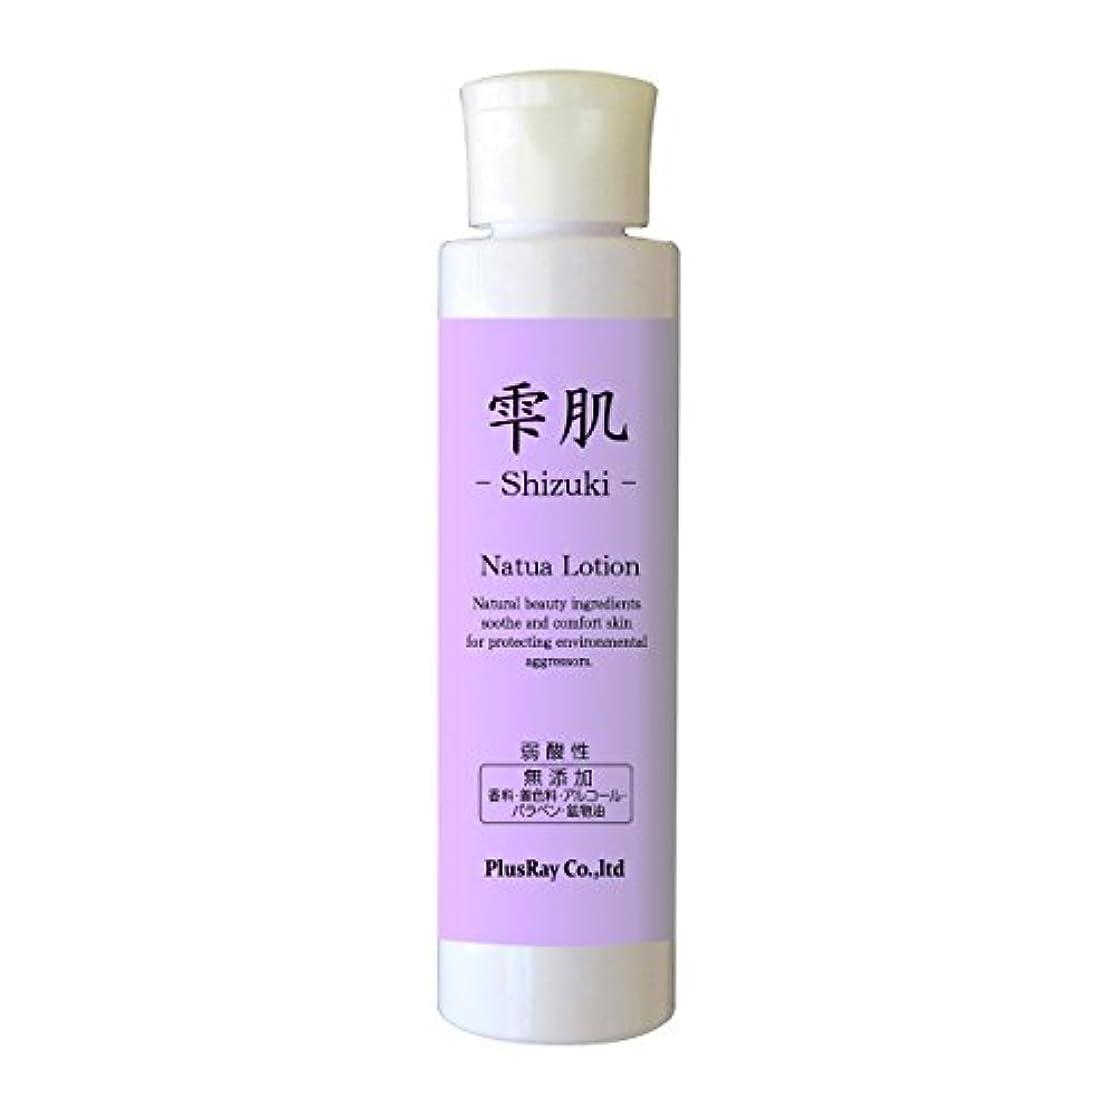 年次キリンポーズプラスレイ(PlusRay)化粧品 ナチュアローション 雫肌 しづき アズレン 化粧水